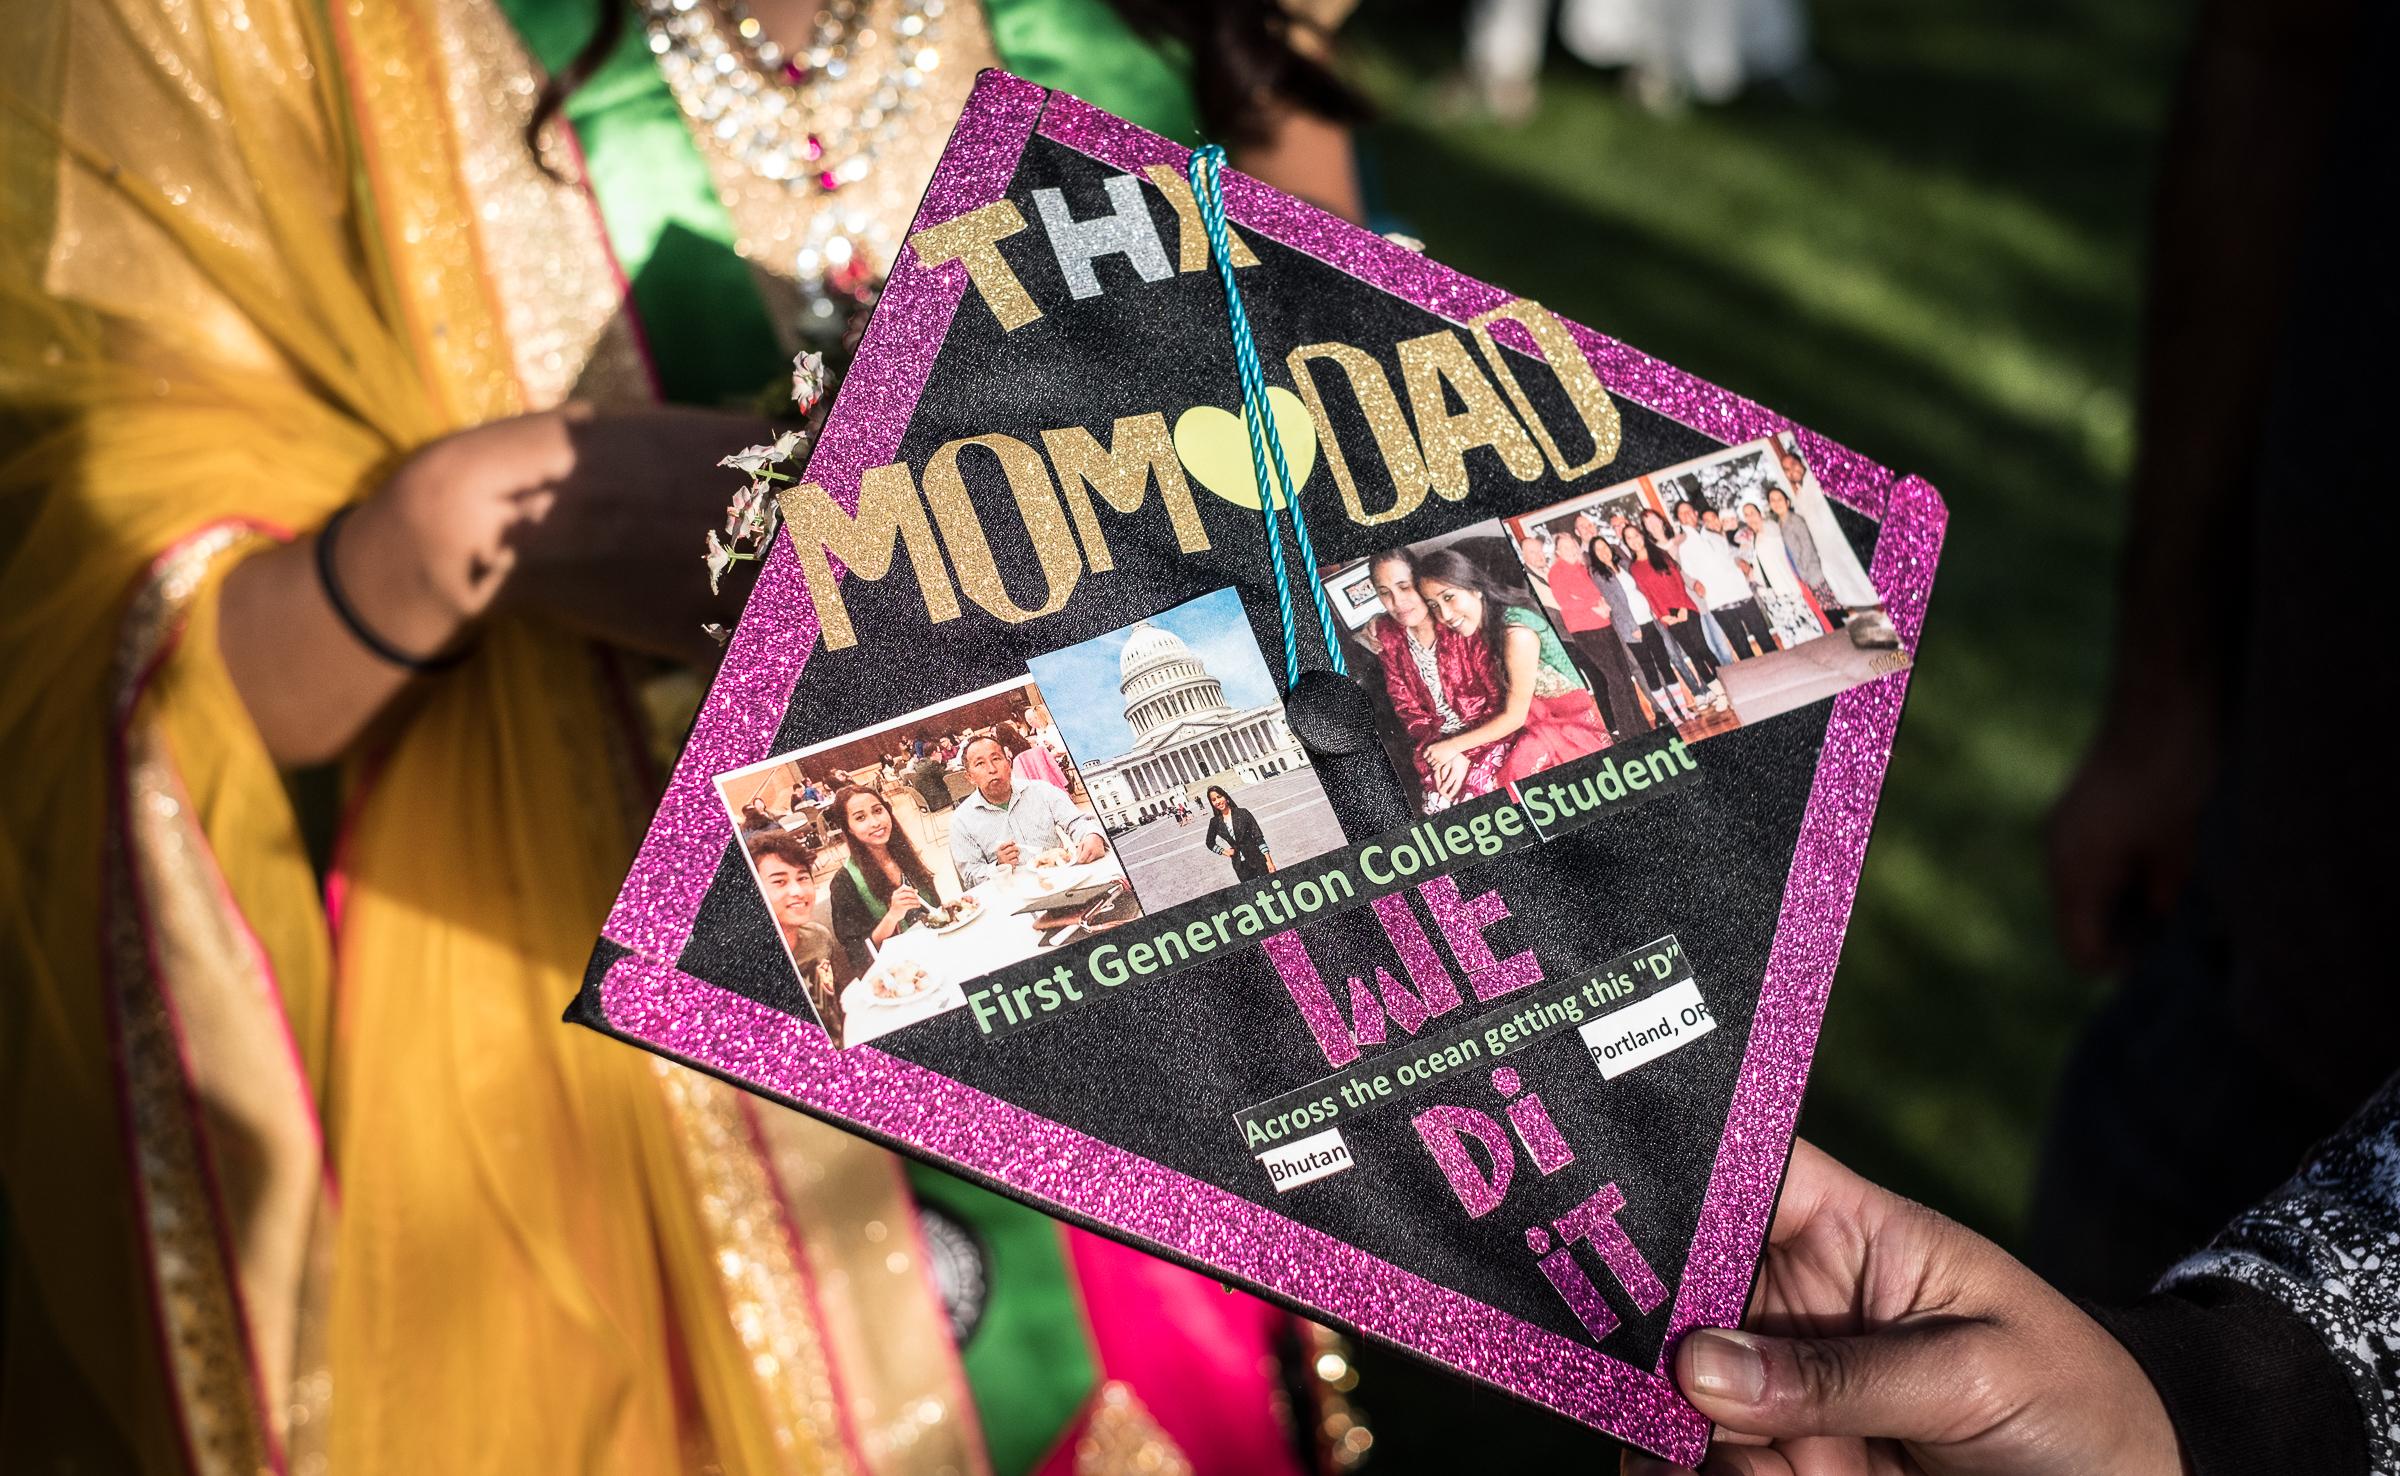 Sumitra Chhetri's graduation cap